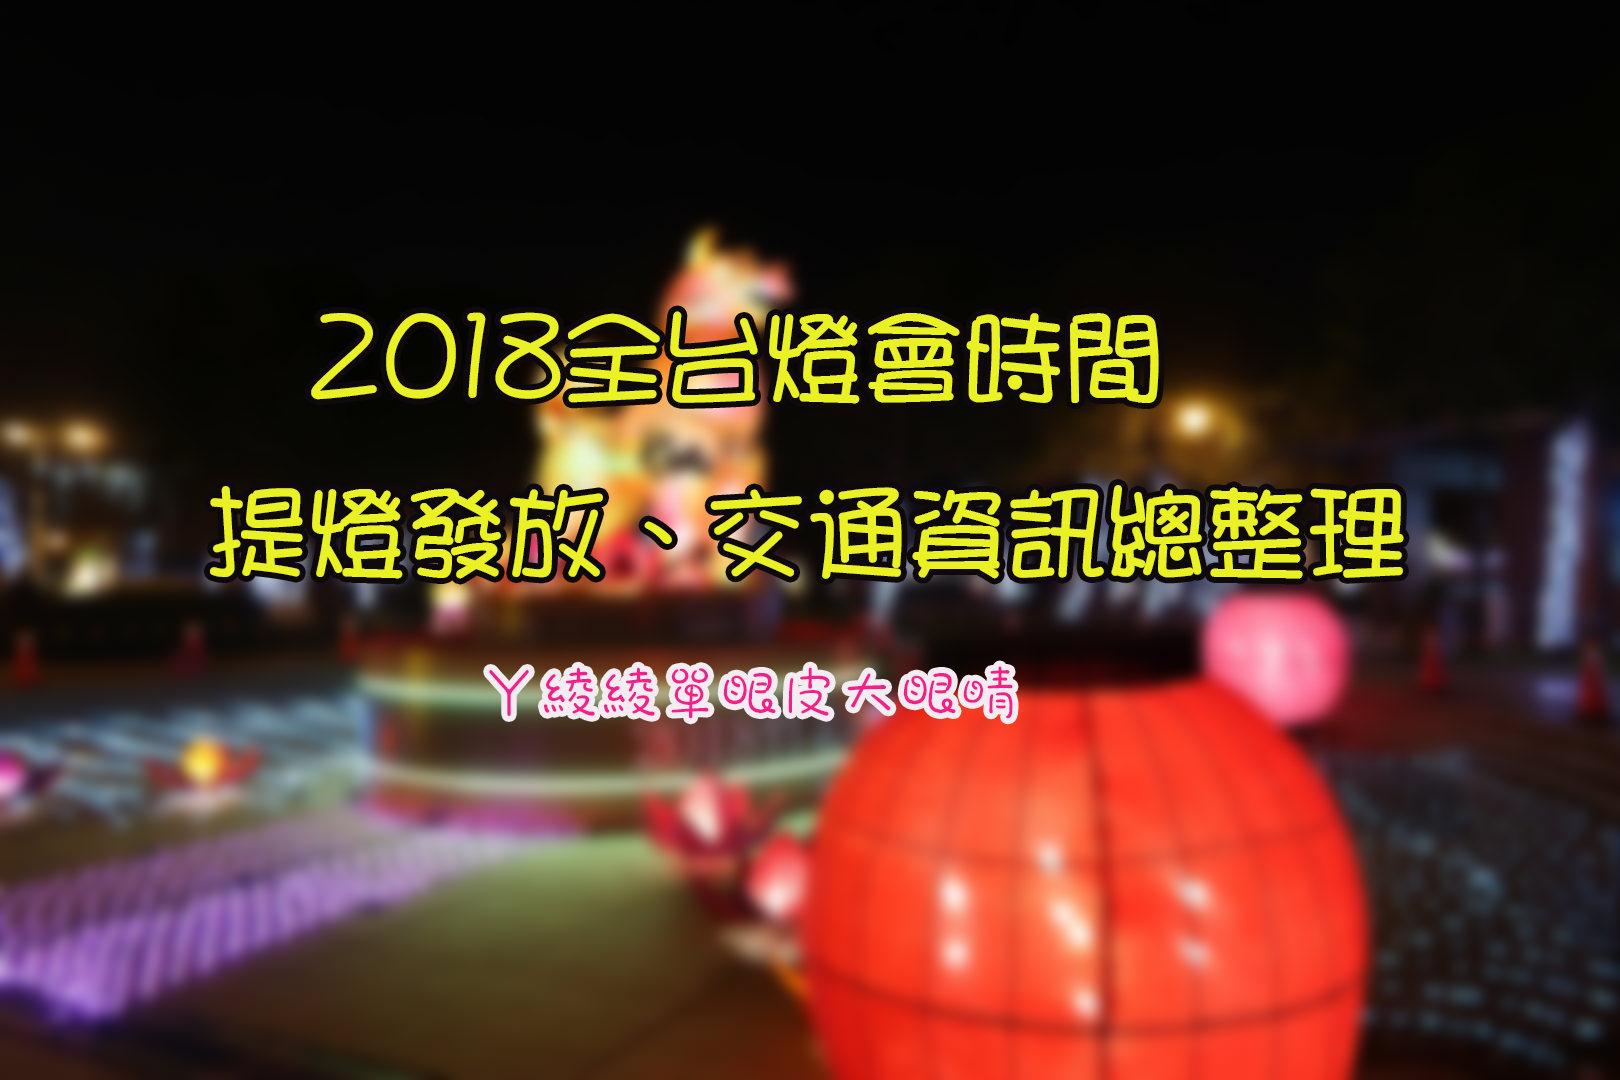 2018全台燈會時間!元宵節燈會日期時間 地點 交通資訊 小提燈發放